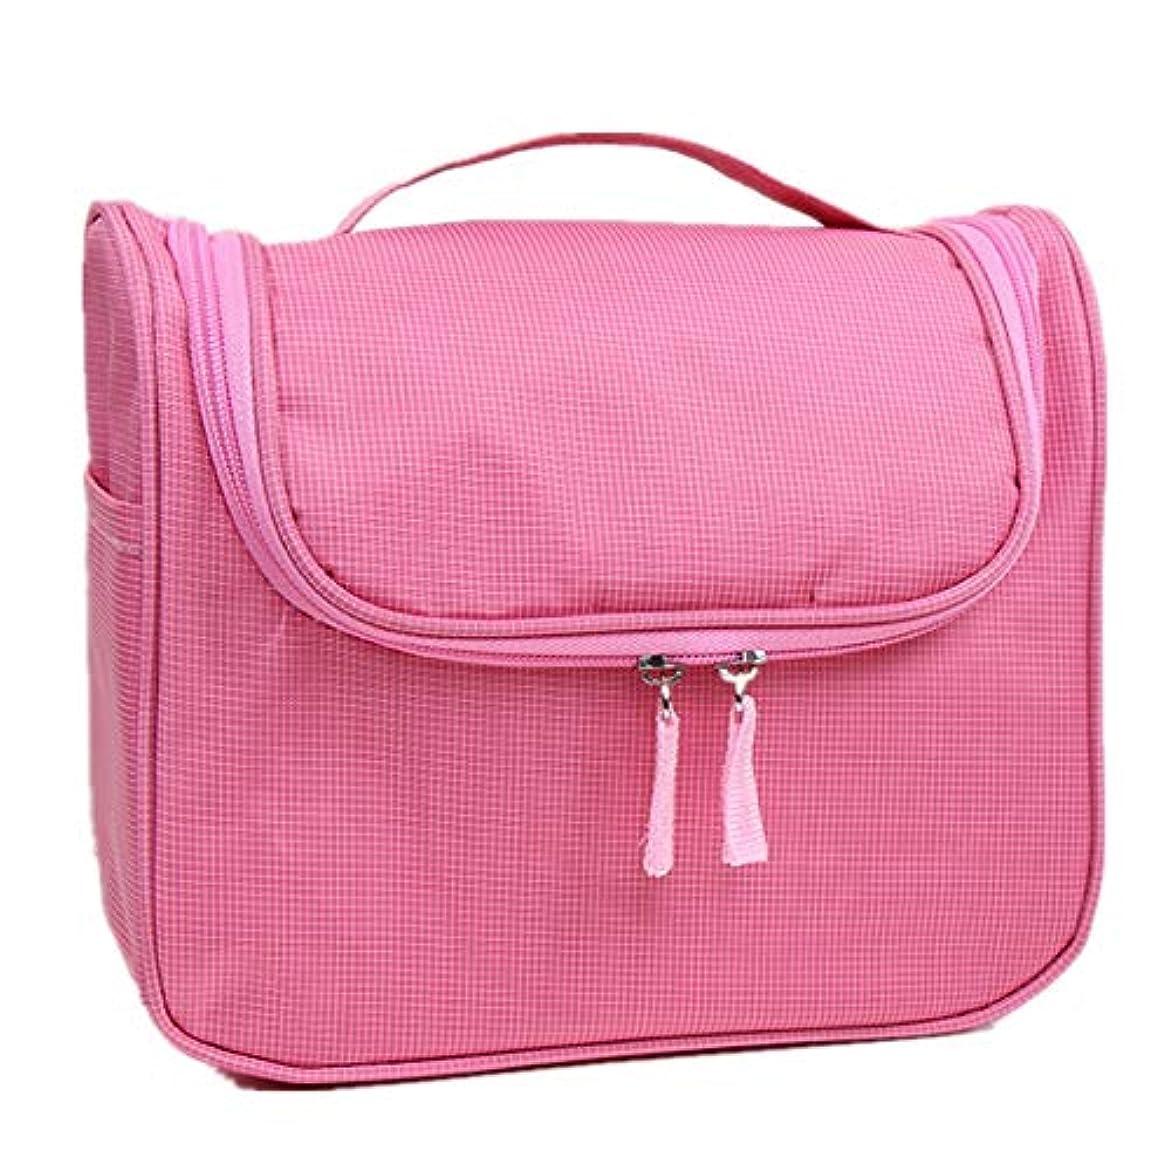 サポートダウンタウン著名な特大スペース収納ビューティーボックス 携帯用化粧の電車の箱美のためのそして女の子のための女性旅行および錠および折る皿が付いているアルミニウムフレームが付いている毎日の貯蔵 化粧品化粧台 (色 : ピンク)